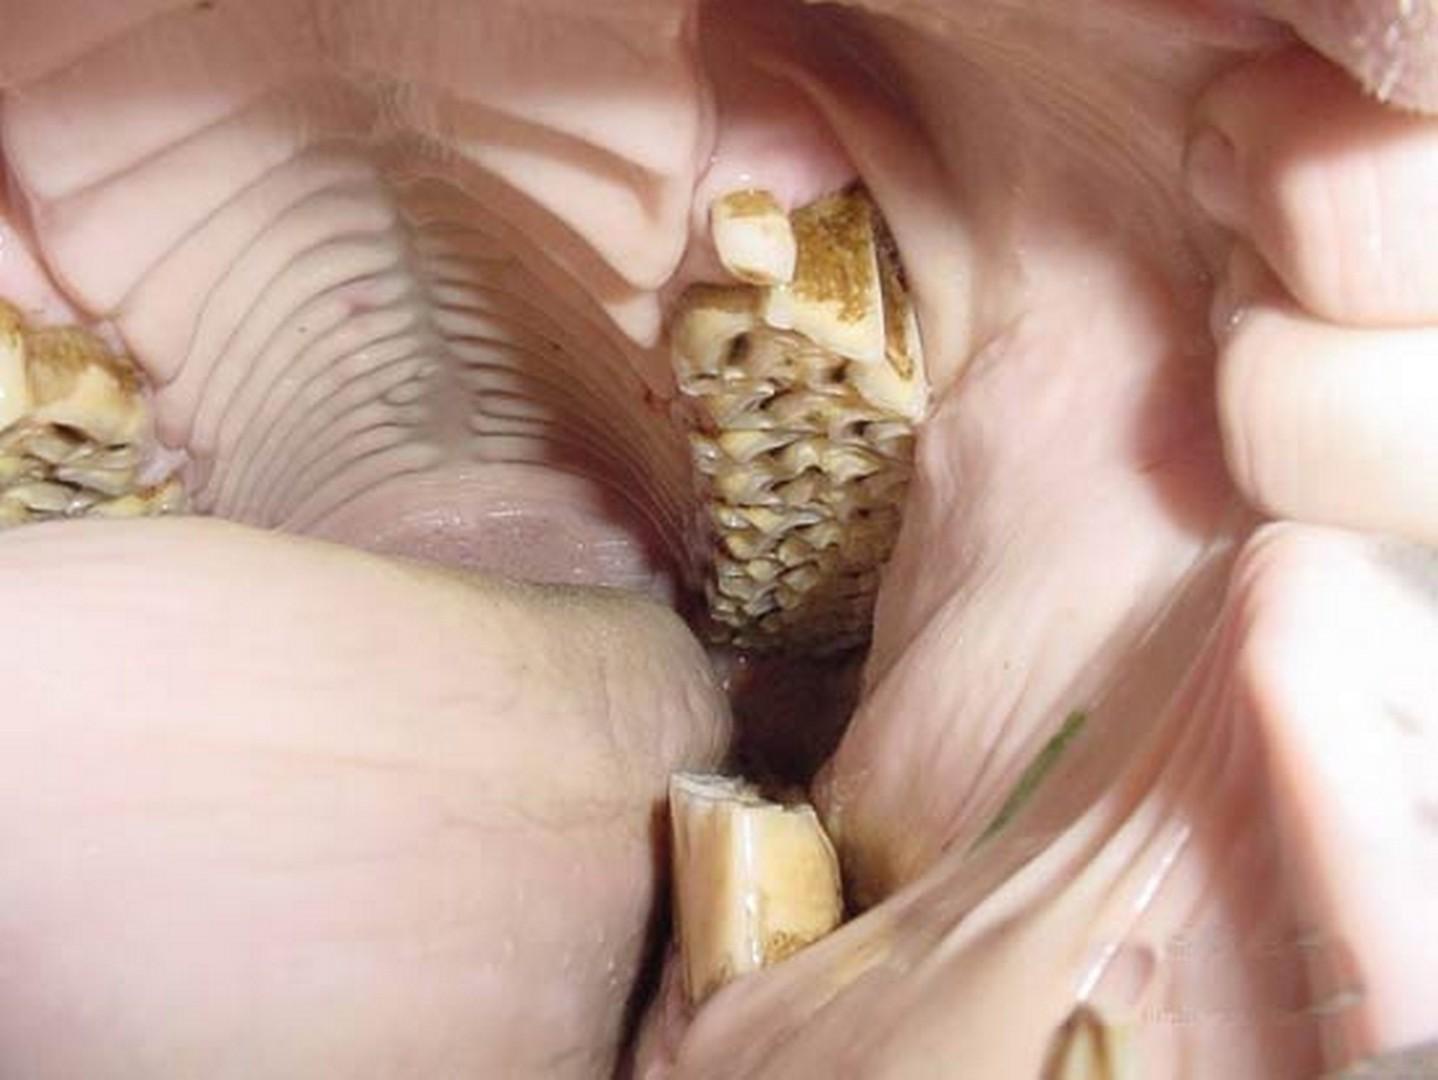 Предметы в анусе смотреть фото, Предметы в женском анусе (42 фото) 4 фотография